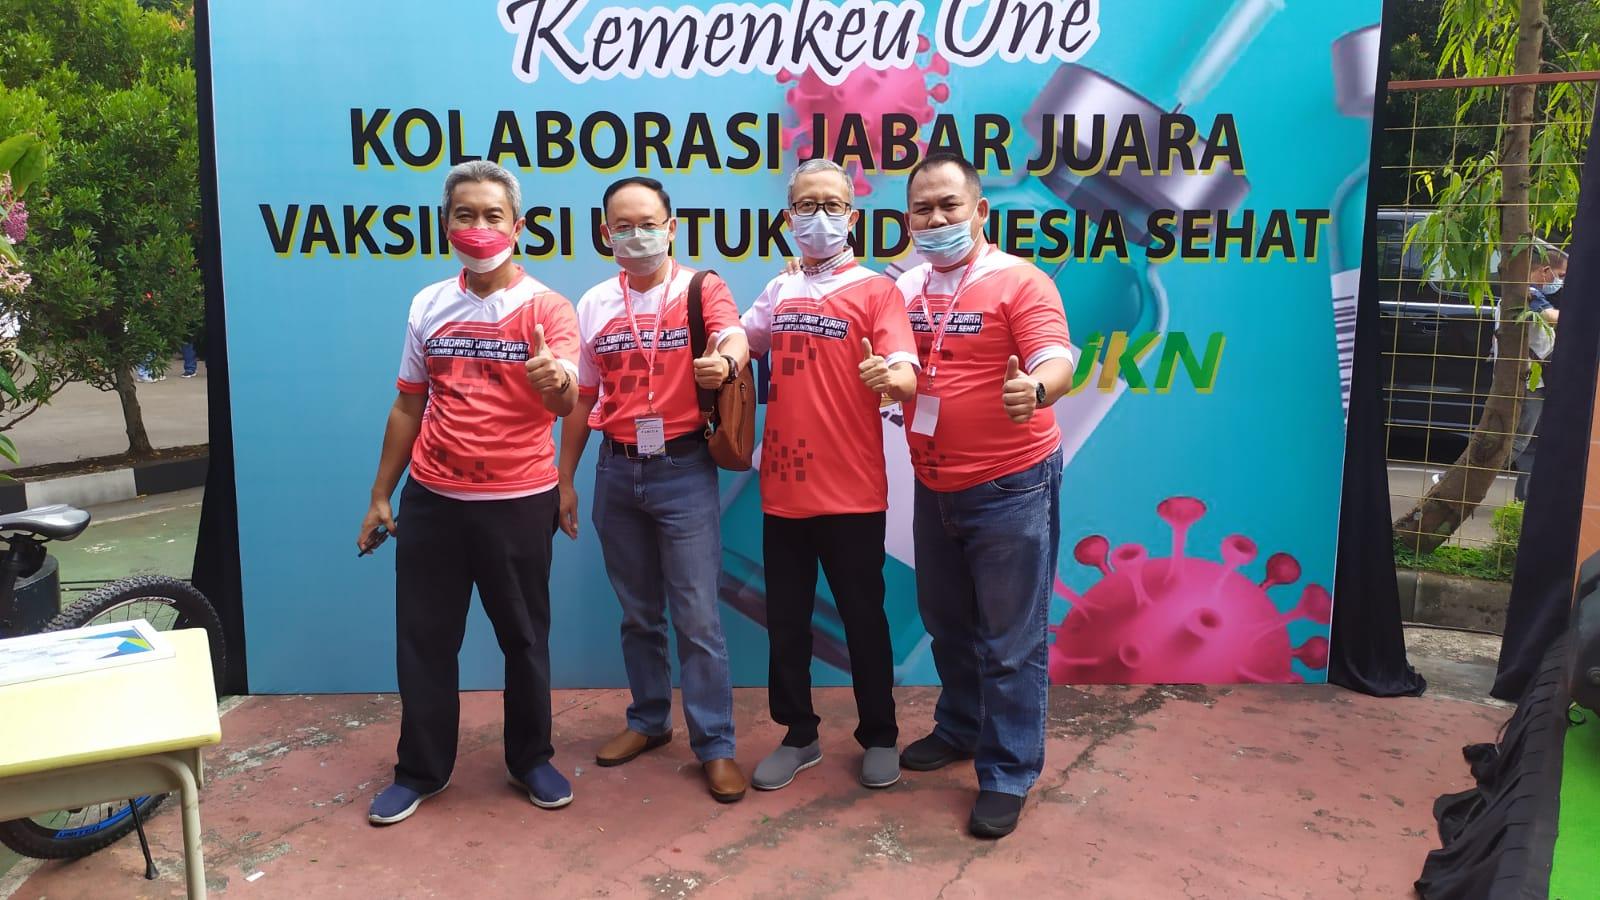 Kanwil DJKN Jawa Barat Bersama Gerakan Kolaborasi Jabar Juara Turut Mensukseskan Vaksinasi Untuk Indonesia Sehat